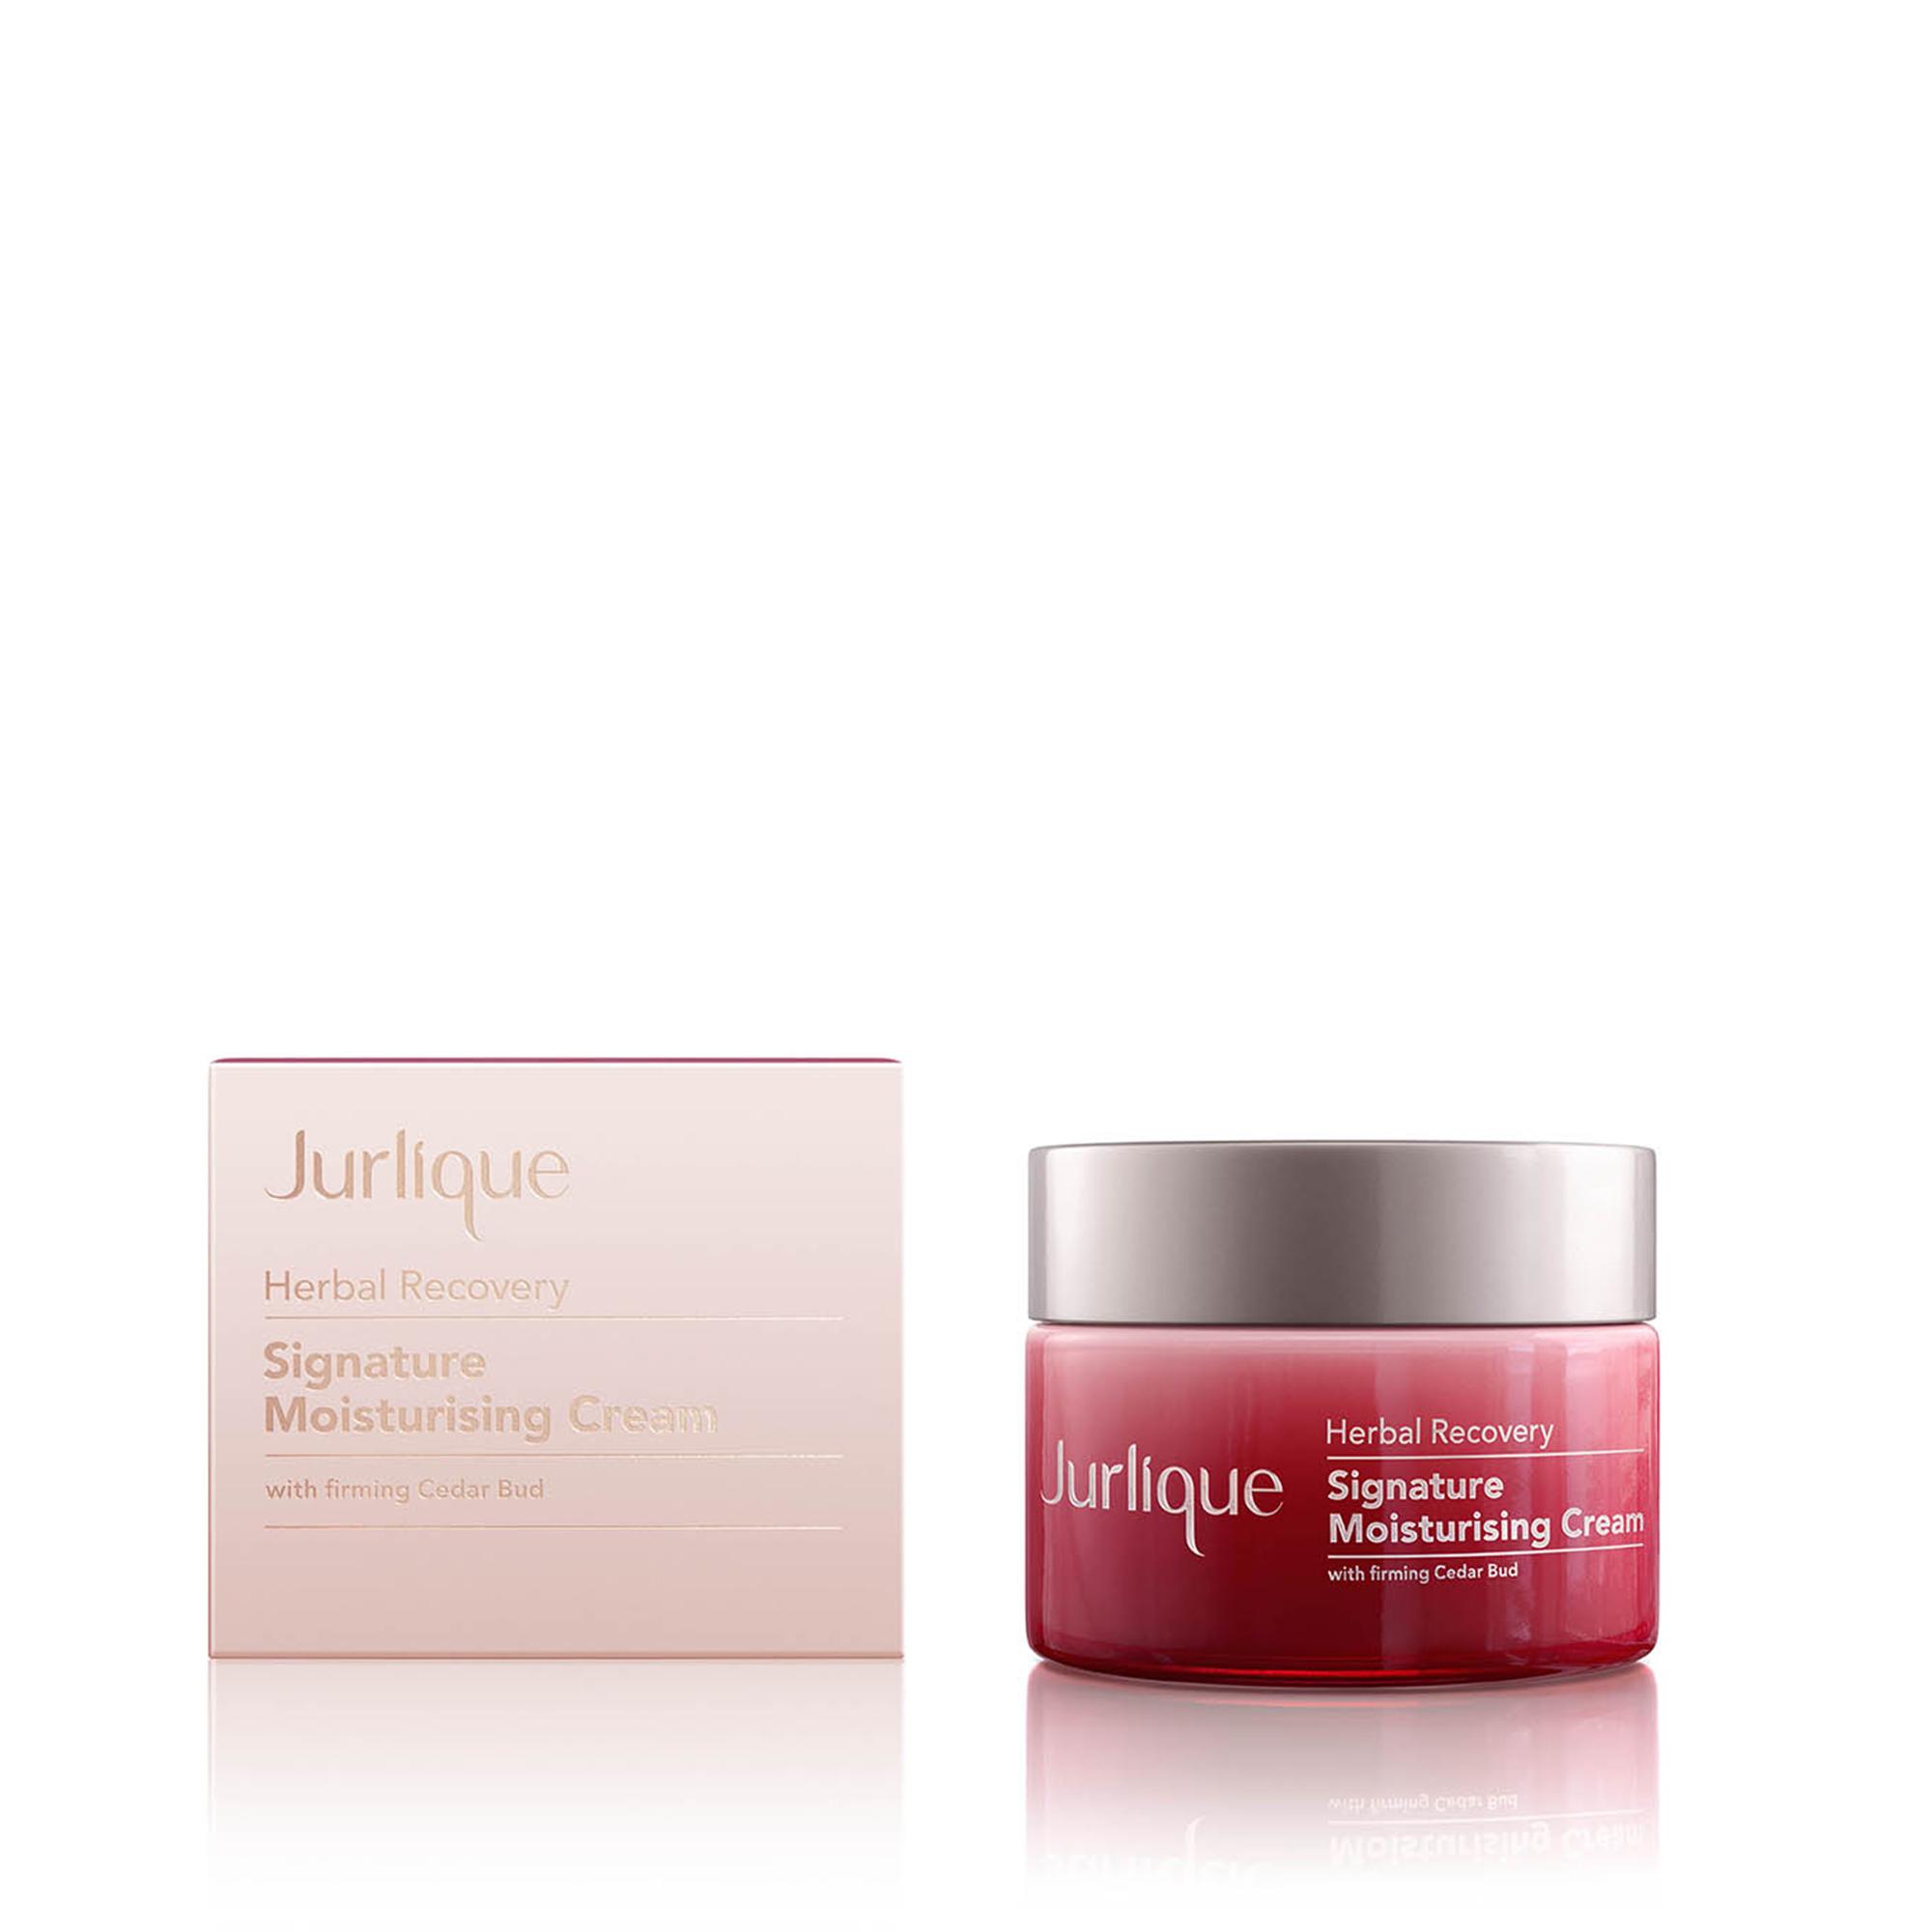 Jurlique Herbal Recovery Signature Moisturising Cream, 50 ml